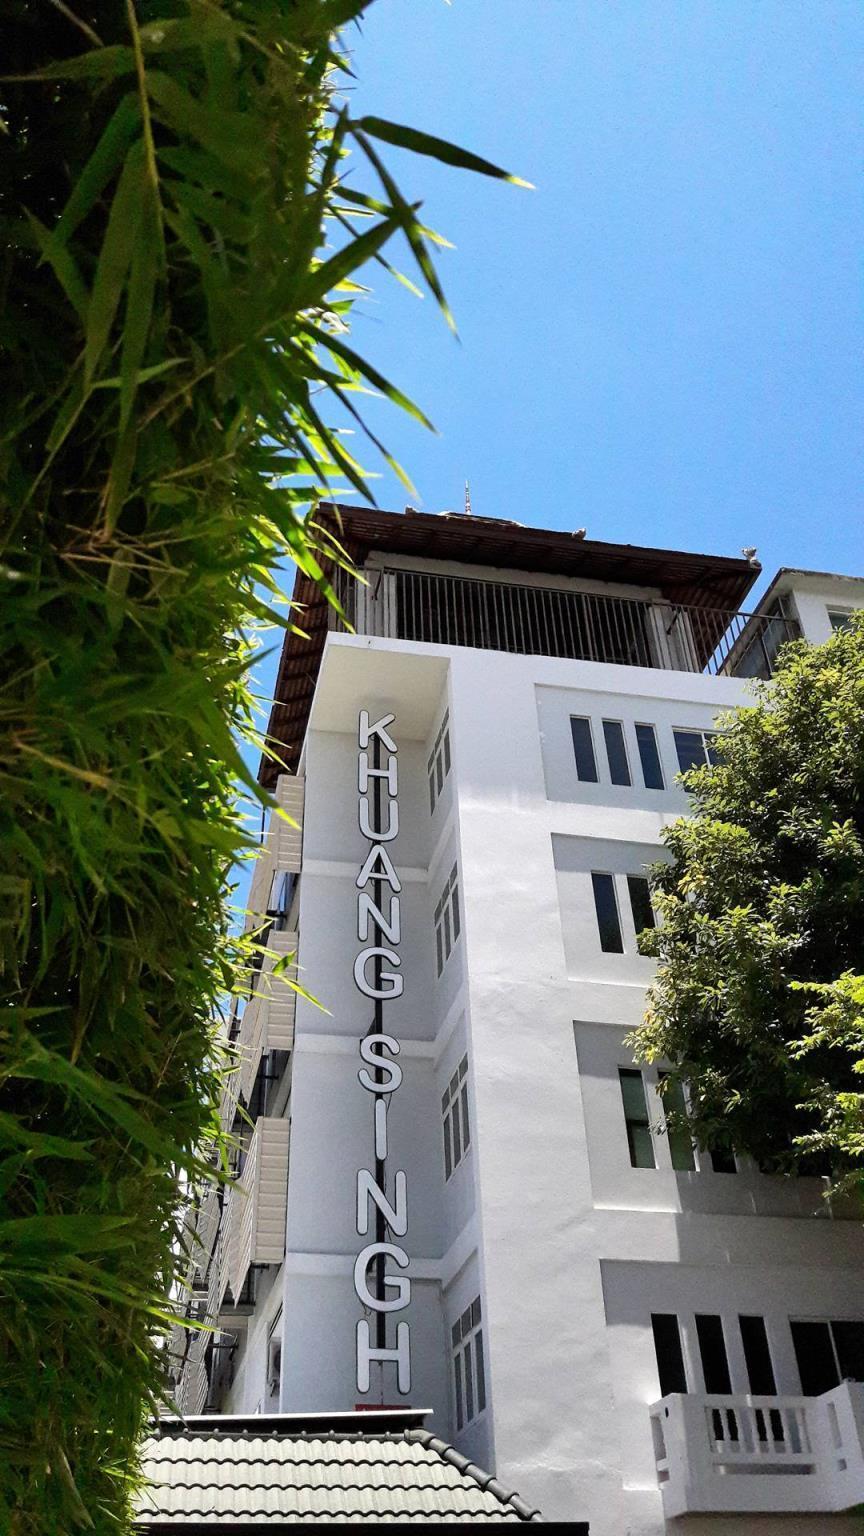 Khuang Singh Residence Chiang Mai ข่วงสิงห์ เรสซิเดนซ์ เชียงใหม่